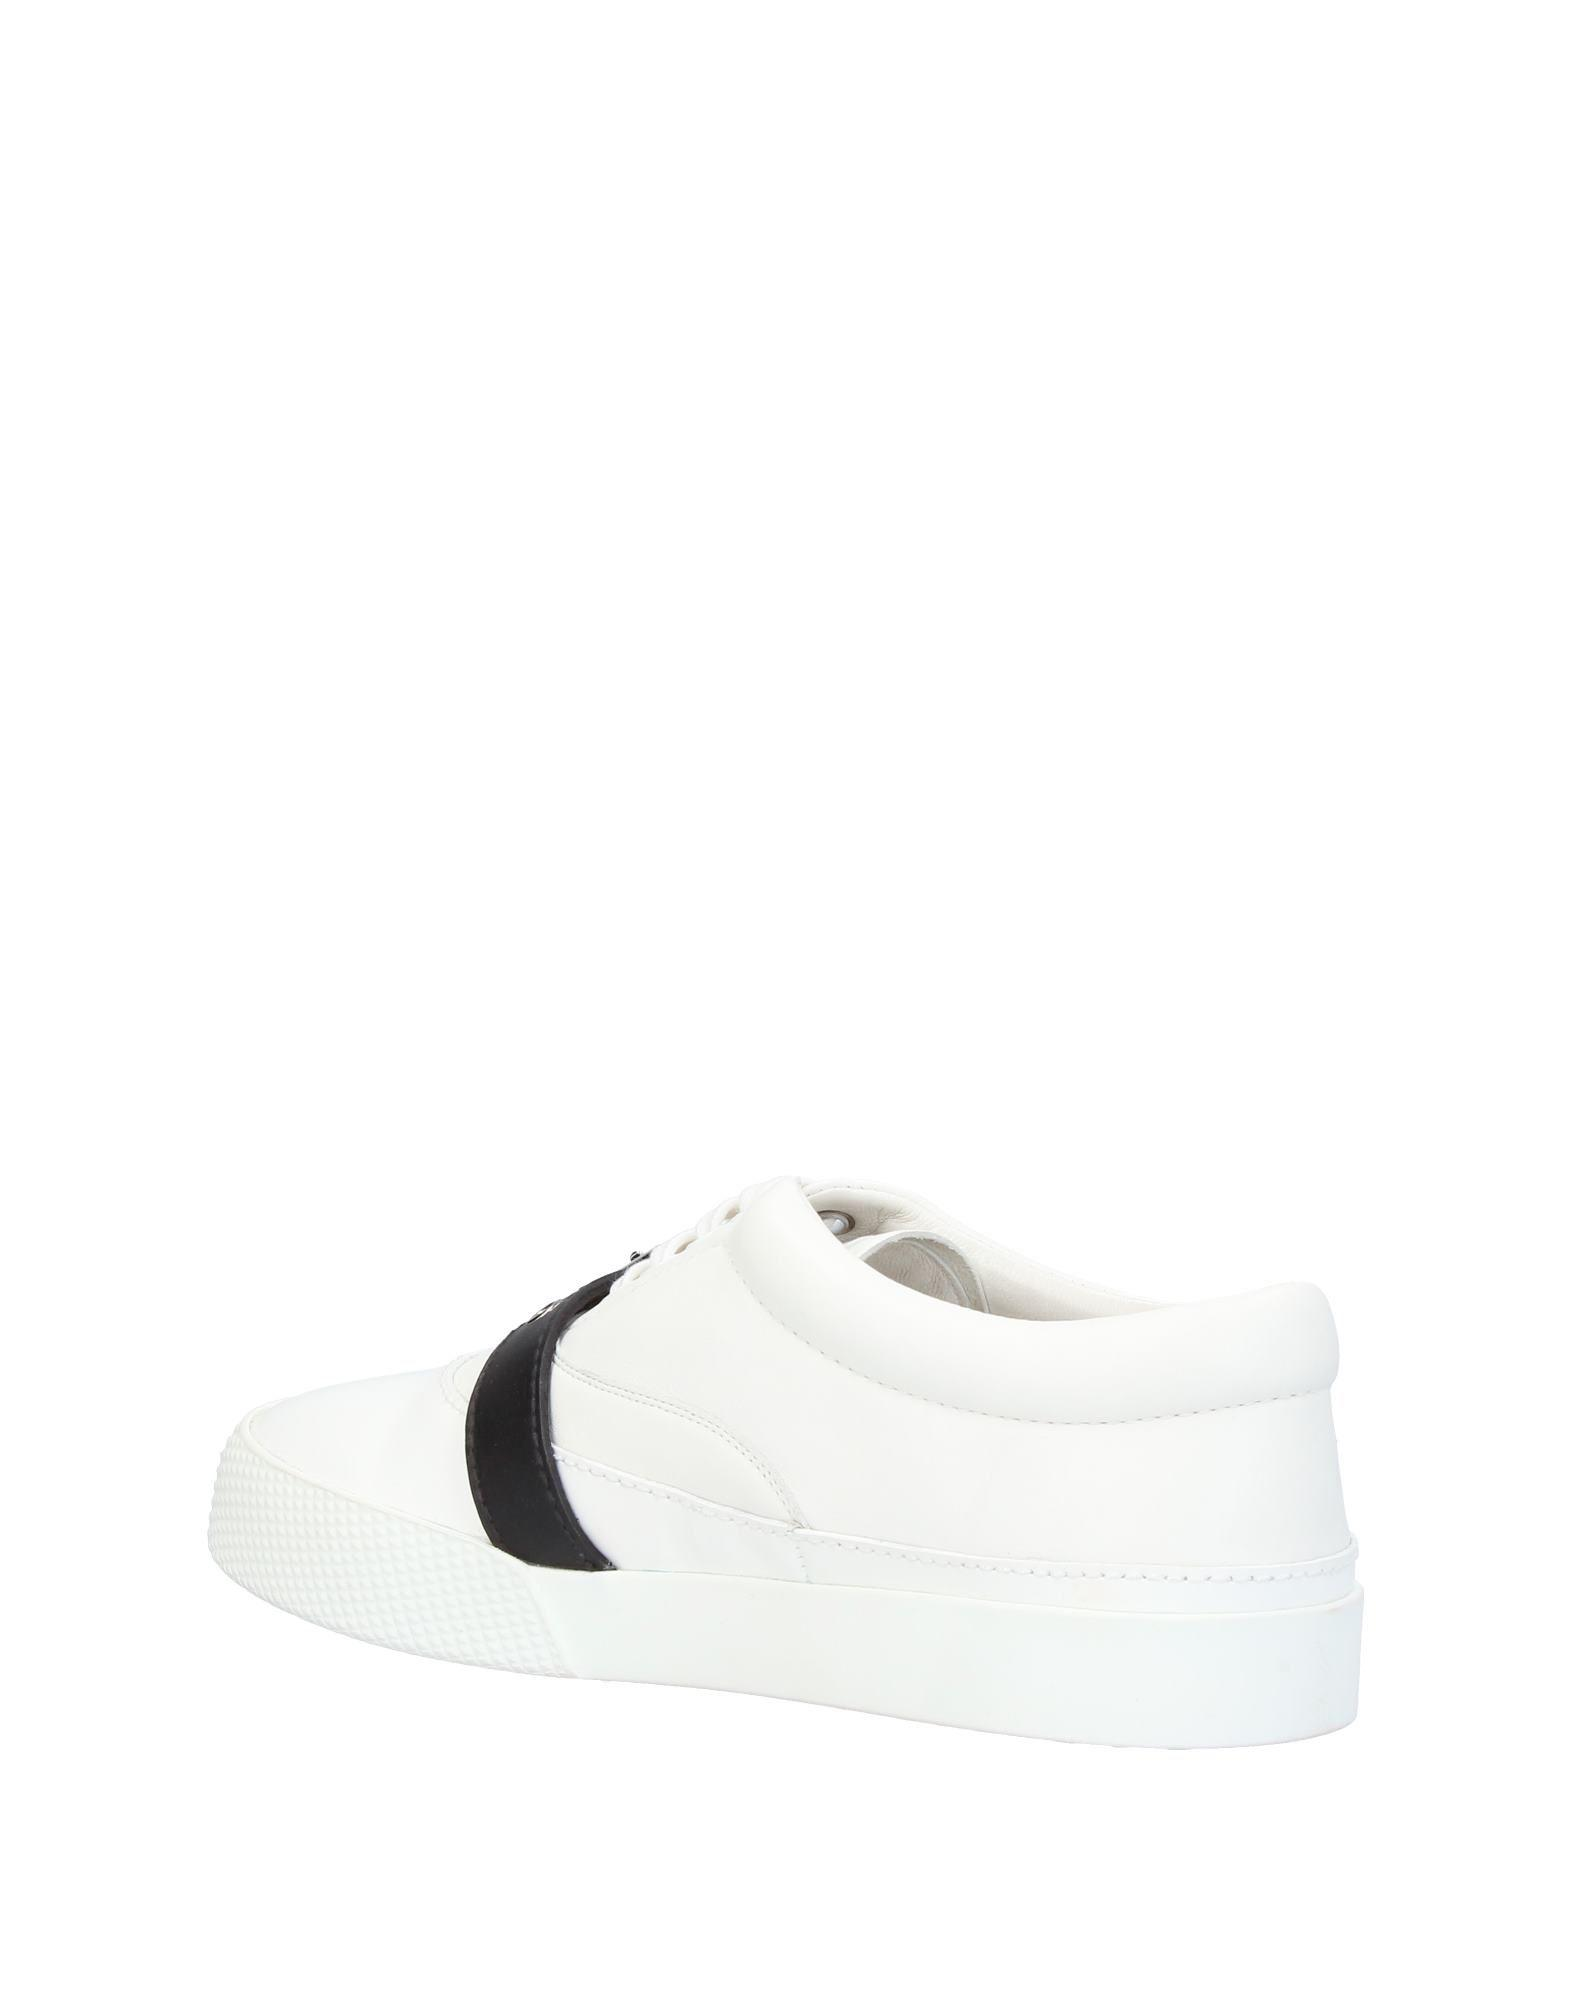 Miu Miu Leather Low-tops & Sneakers in White